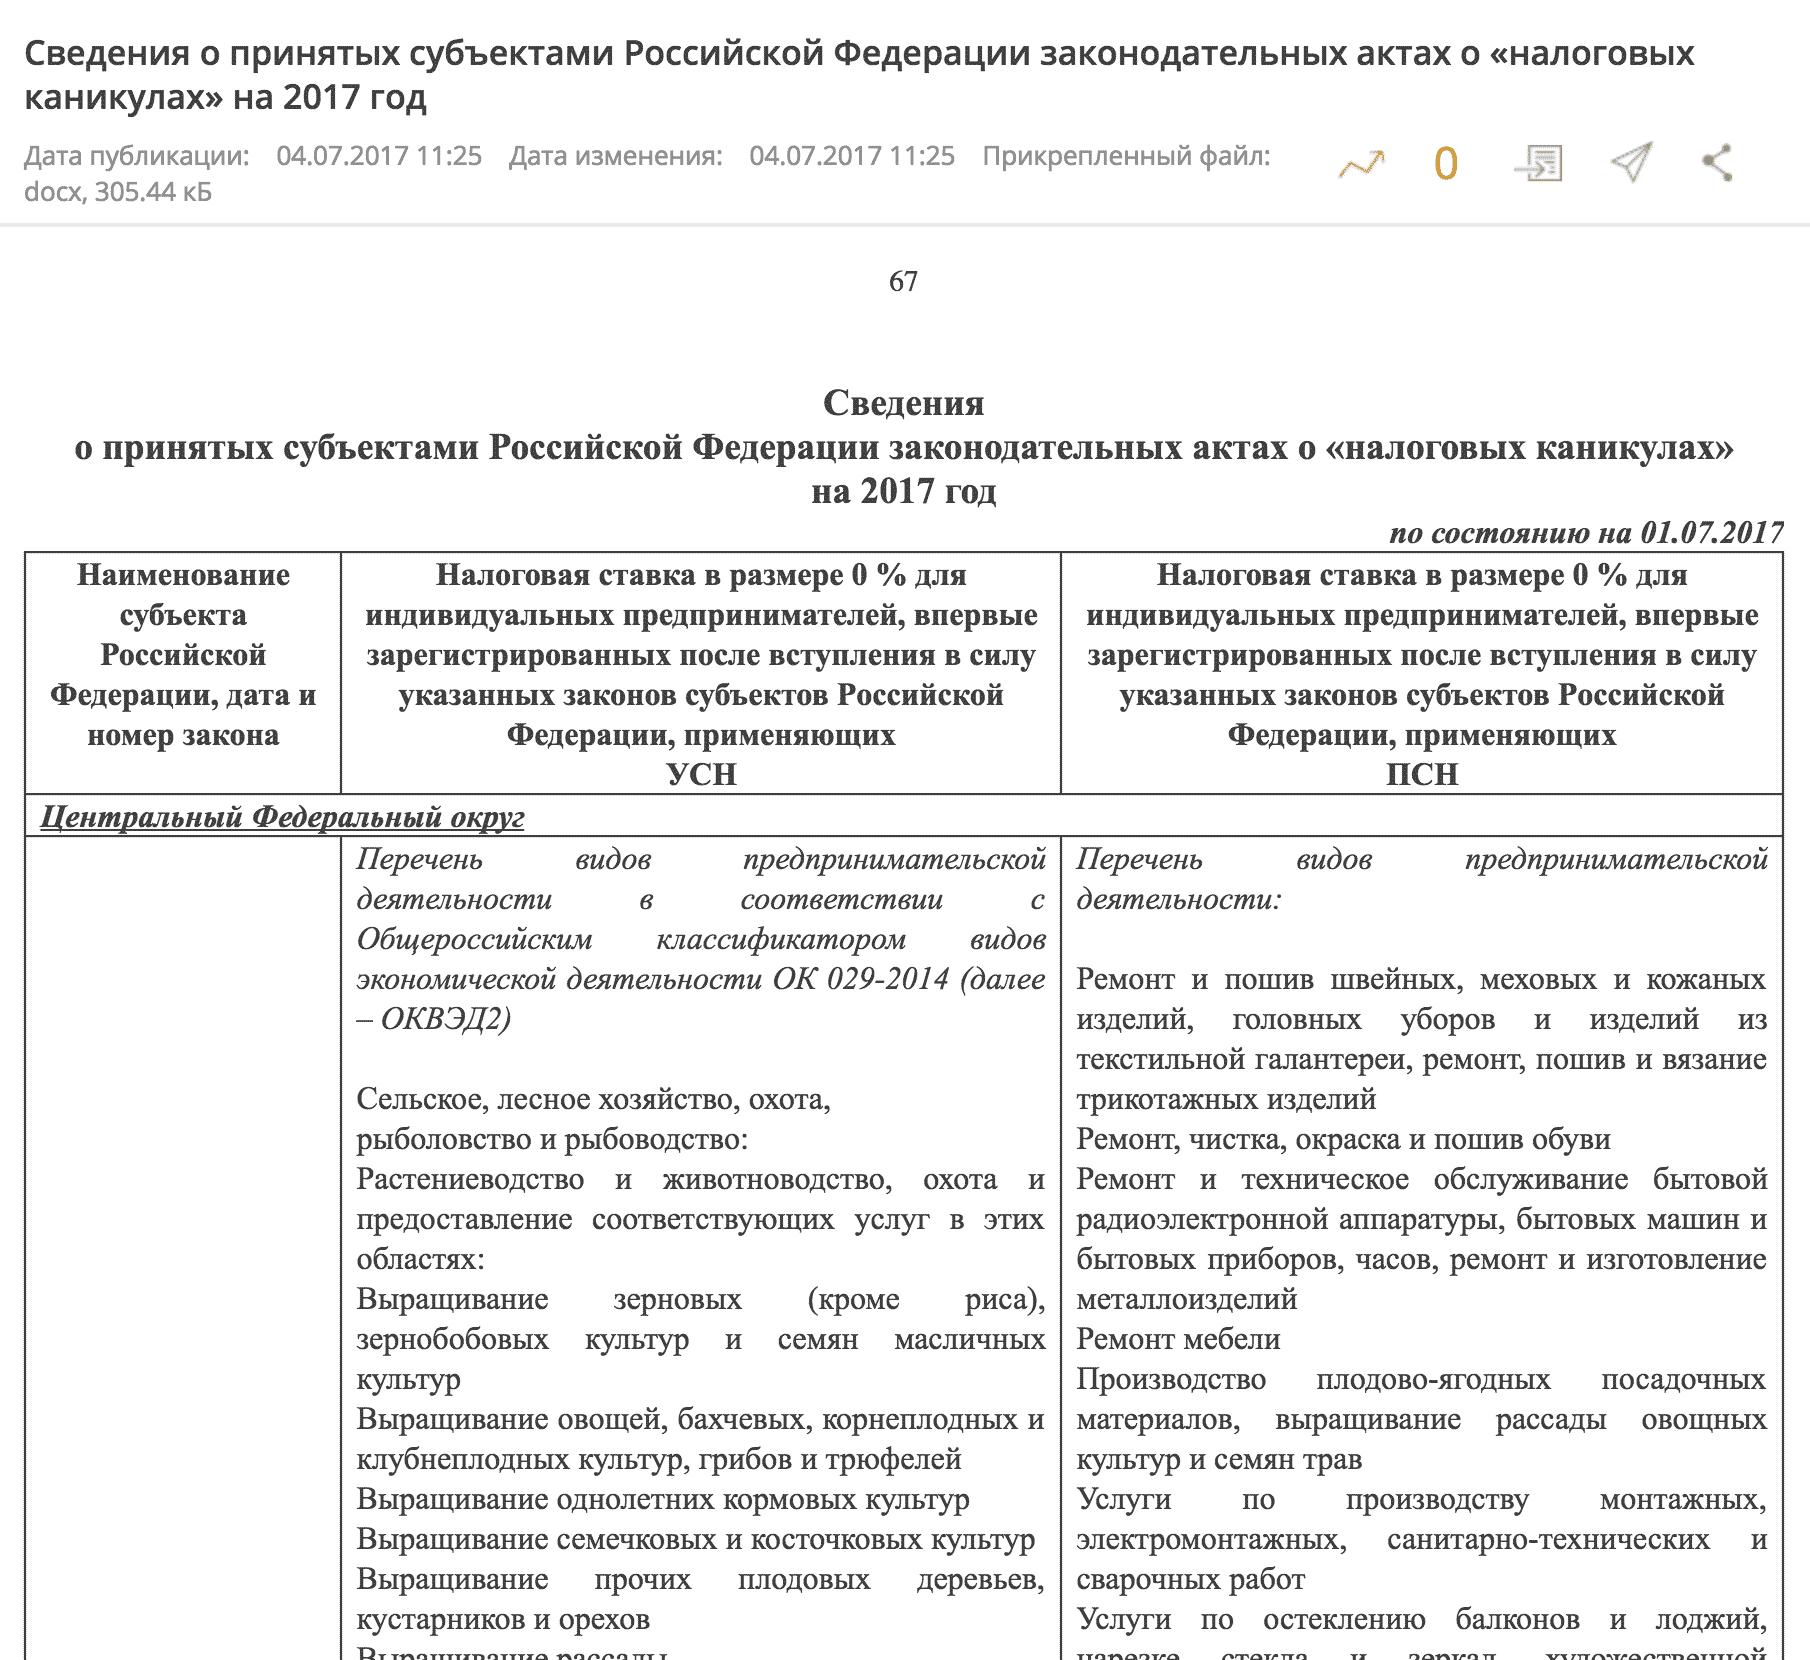 Субъекты РФ самостоятельно вводят налоговые каникулы для отдельных категорий {amp}lt;span class=